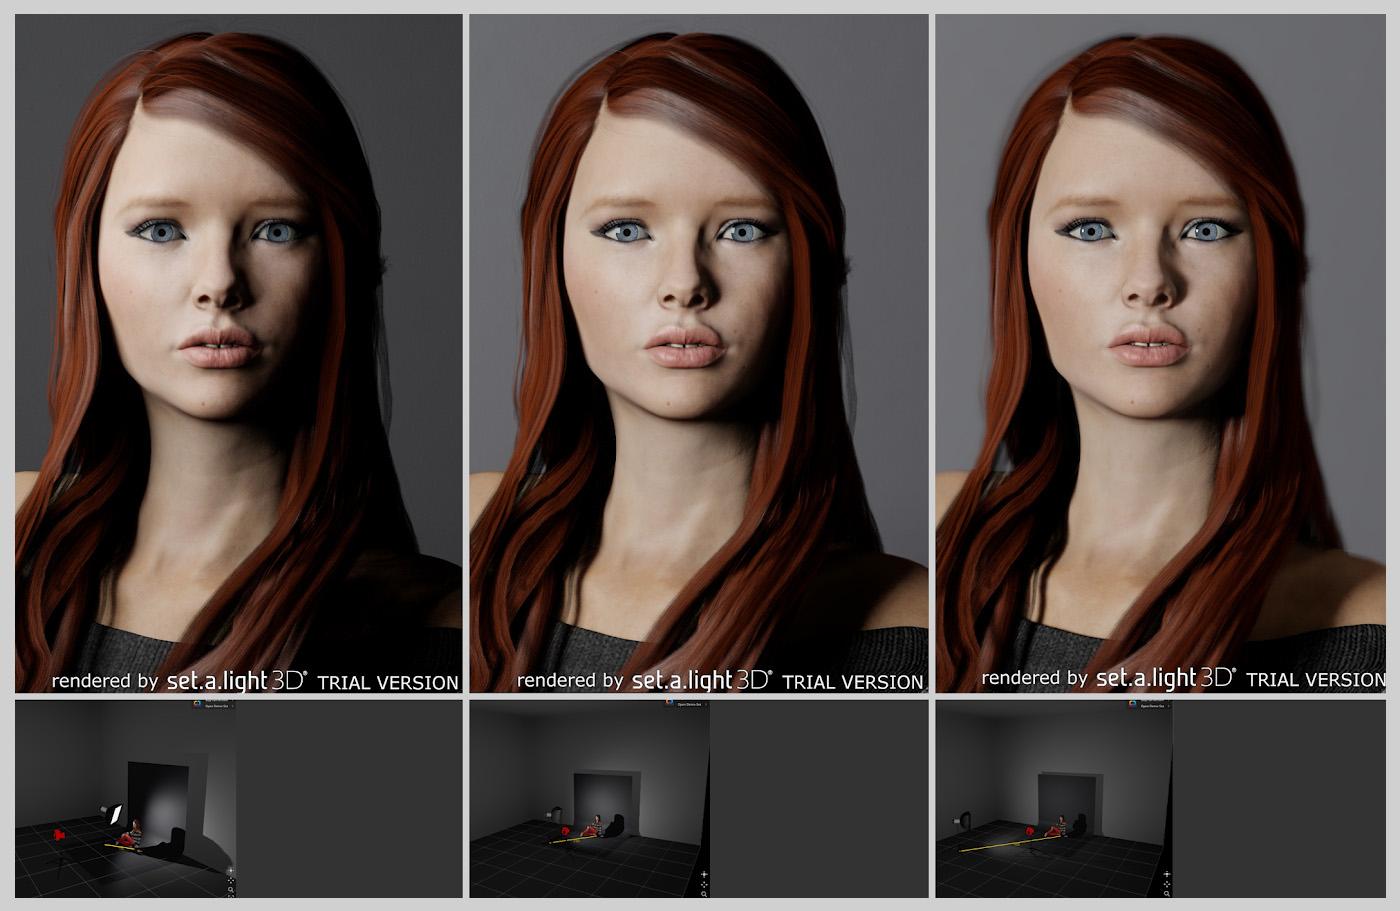 Фотография 23. Сравнение портретов, снятых с освещением от софтбокса, размещенном на разных расстояниях. Уроки по работе со вспышками Godox.